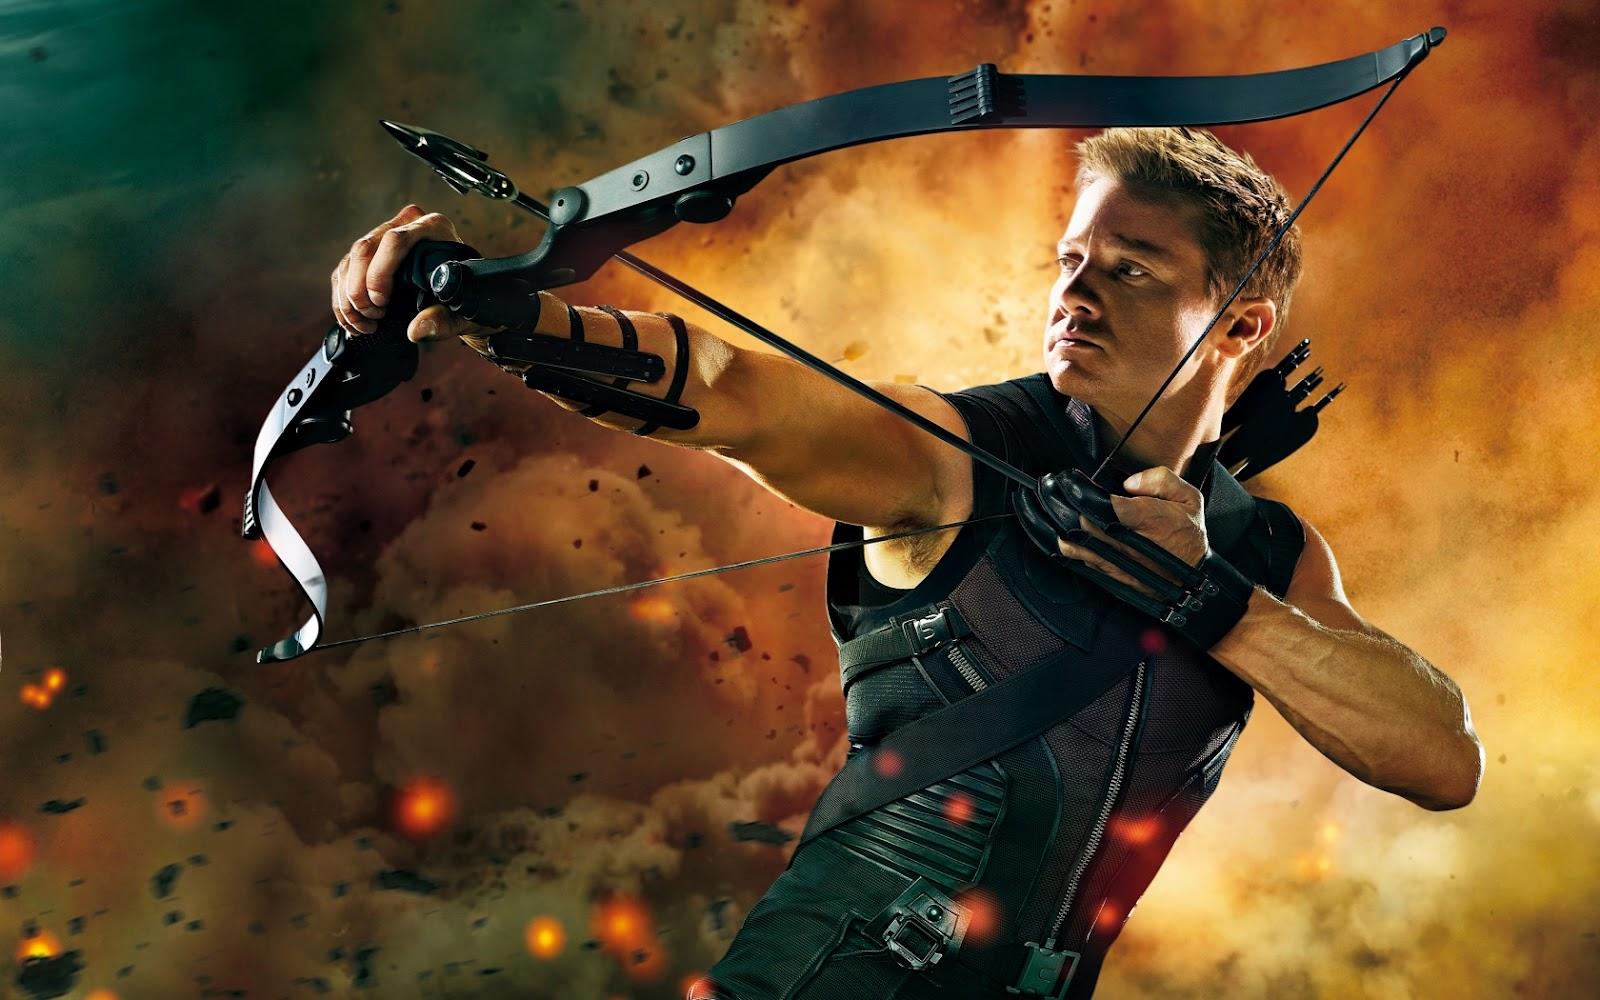 http://2.bp.blogspot.com/-quYufNqBybE/T29fc34KO8I/AAAAAAAABAU/kgVzGZF3FtE/s1600/The_Avengers_Hawkeye_Jeremy_Renner_HD_Wallpaper-Vvallpaper.Net.jpg